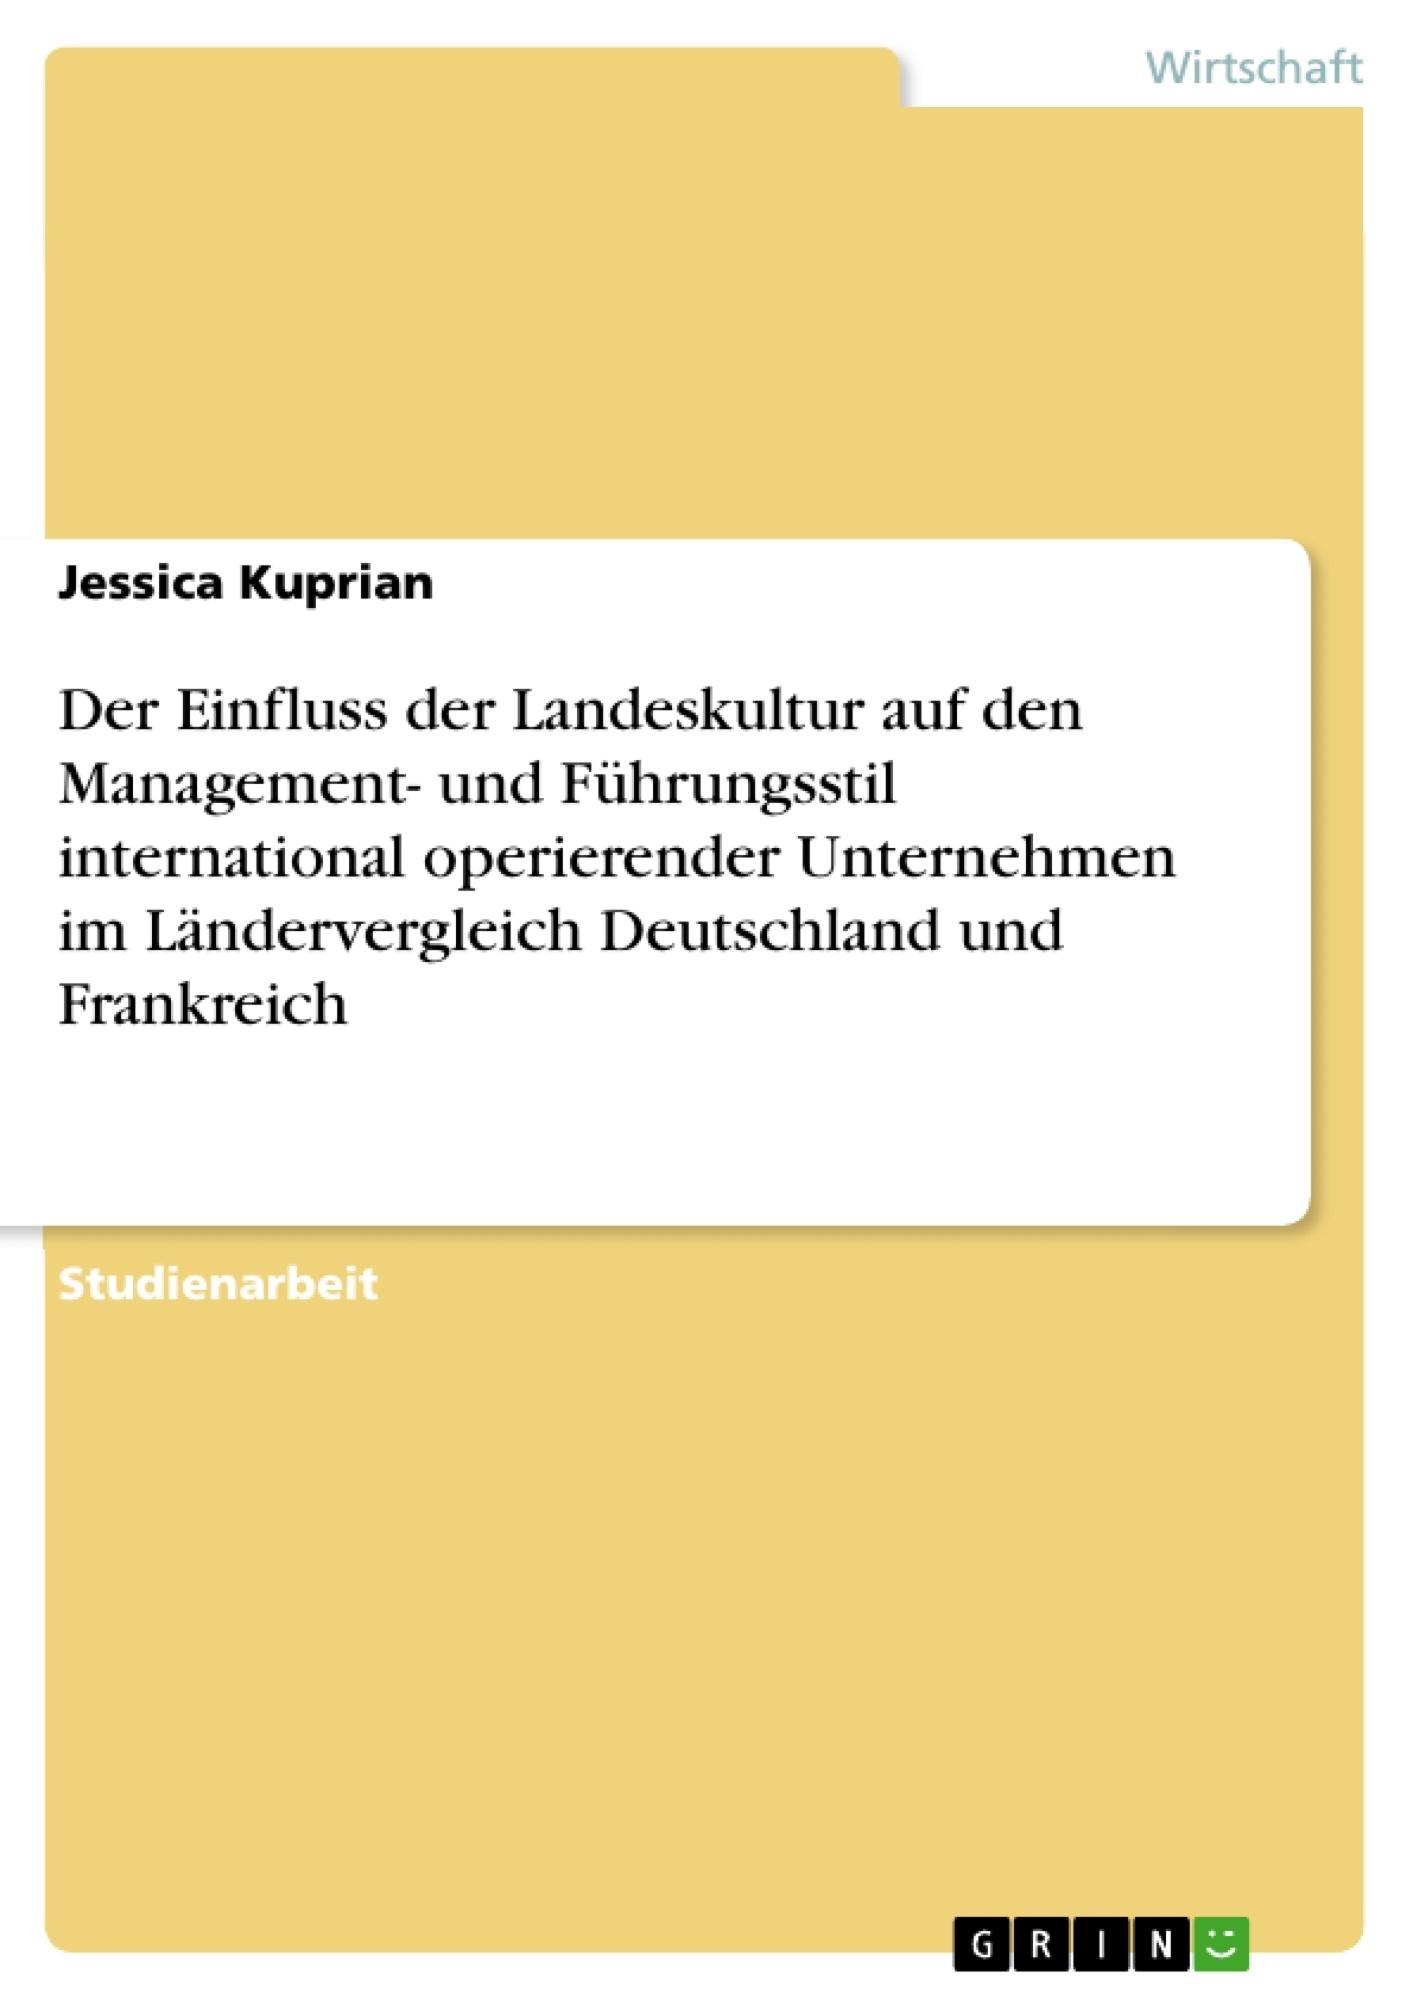 Titel: Der Einfluss der Landeskultur auf den Management- und Führungsstil international operierender Unternehmen im Ländervergleich Deutschland und Frankreich